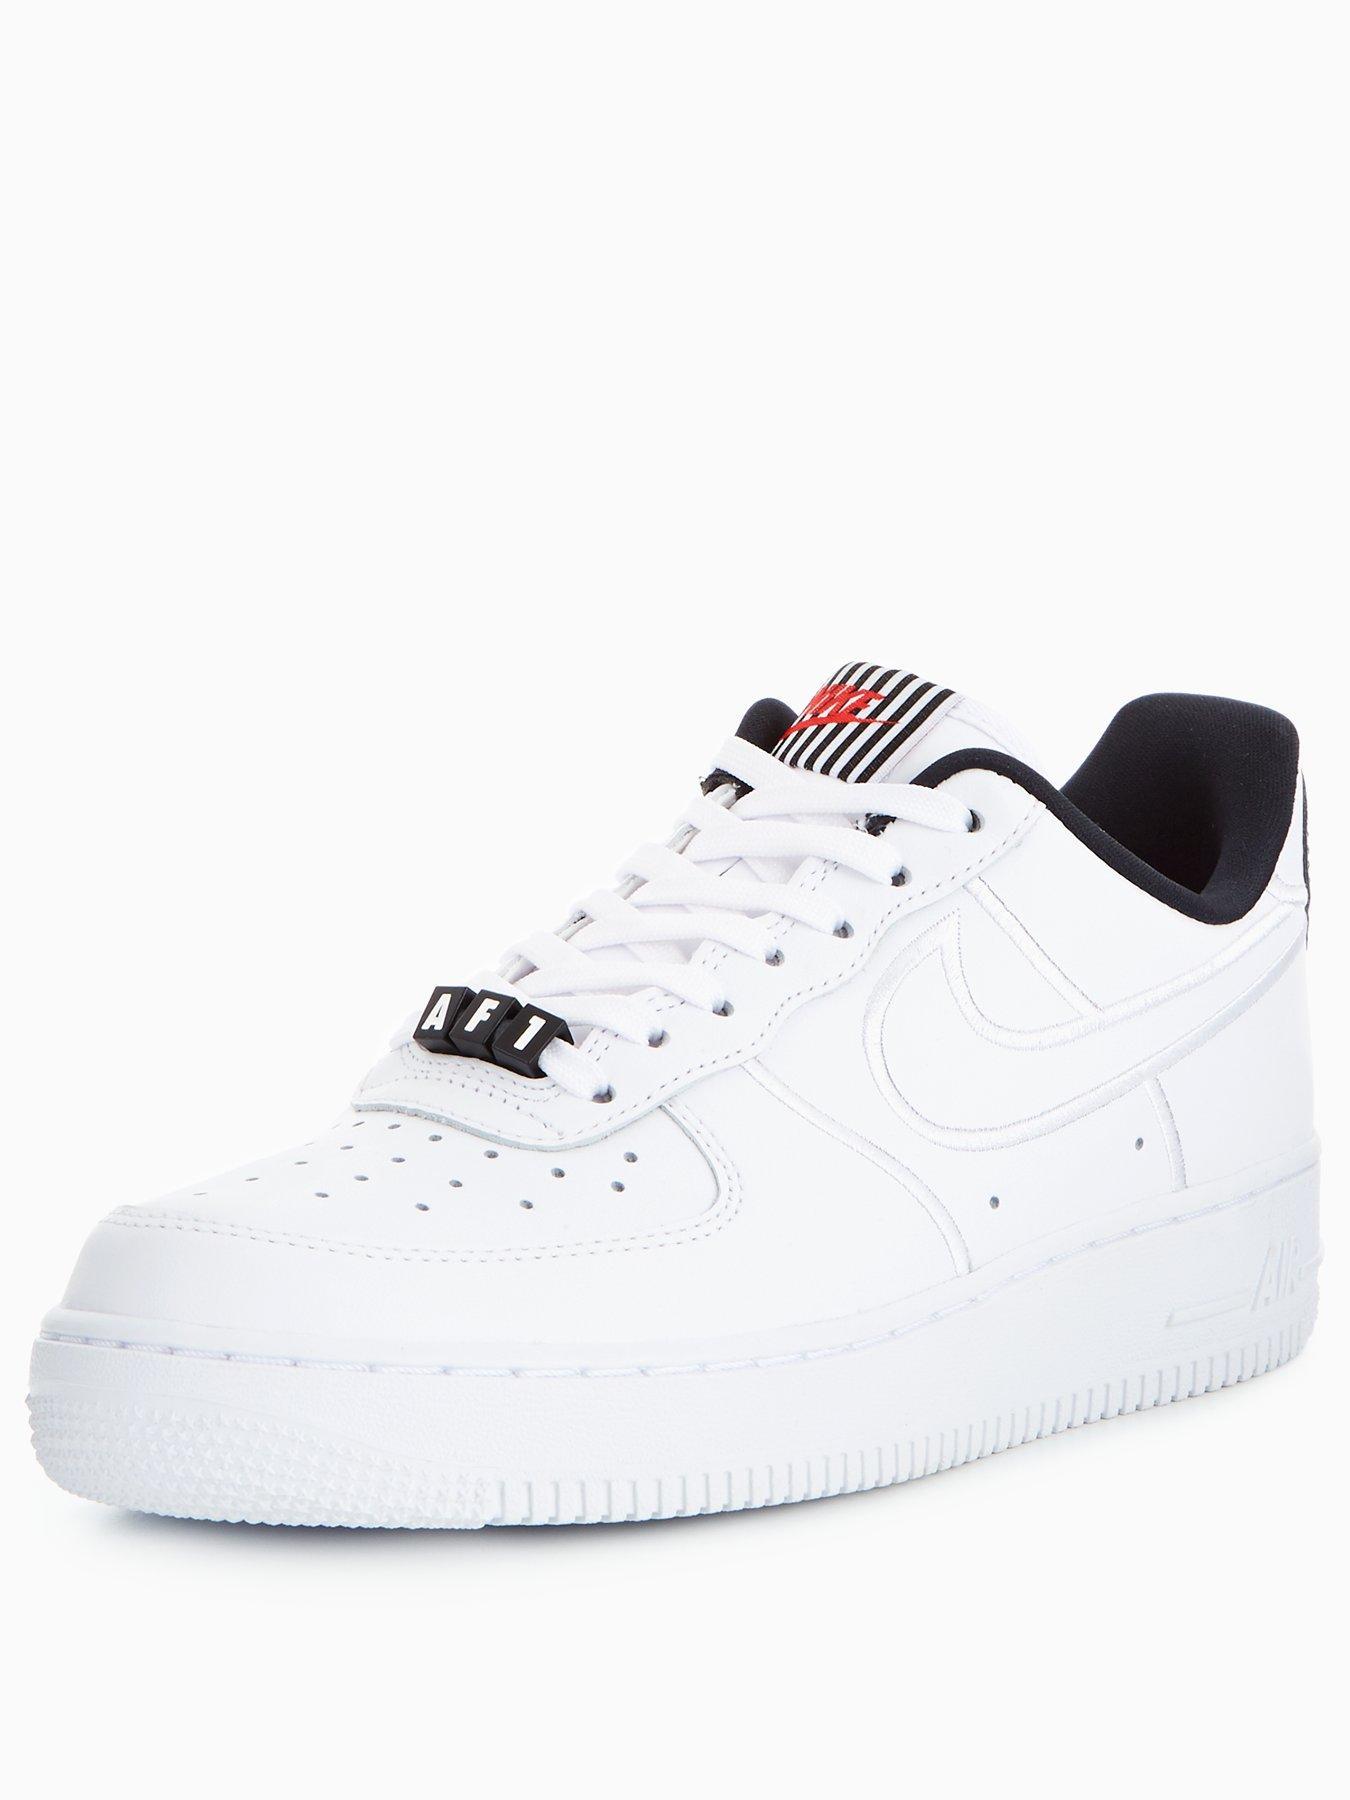 2014 rabais à la mode Nike Air Force 1 07 Se Lx Tourbillon Livraison gratuite recommander large éventail de 2014 unisexe uoyTeq0jX